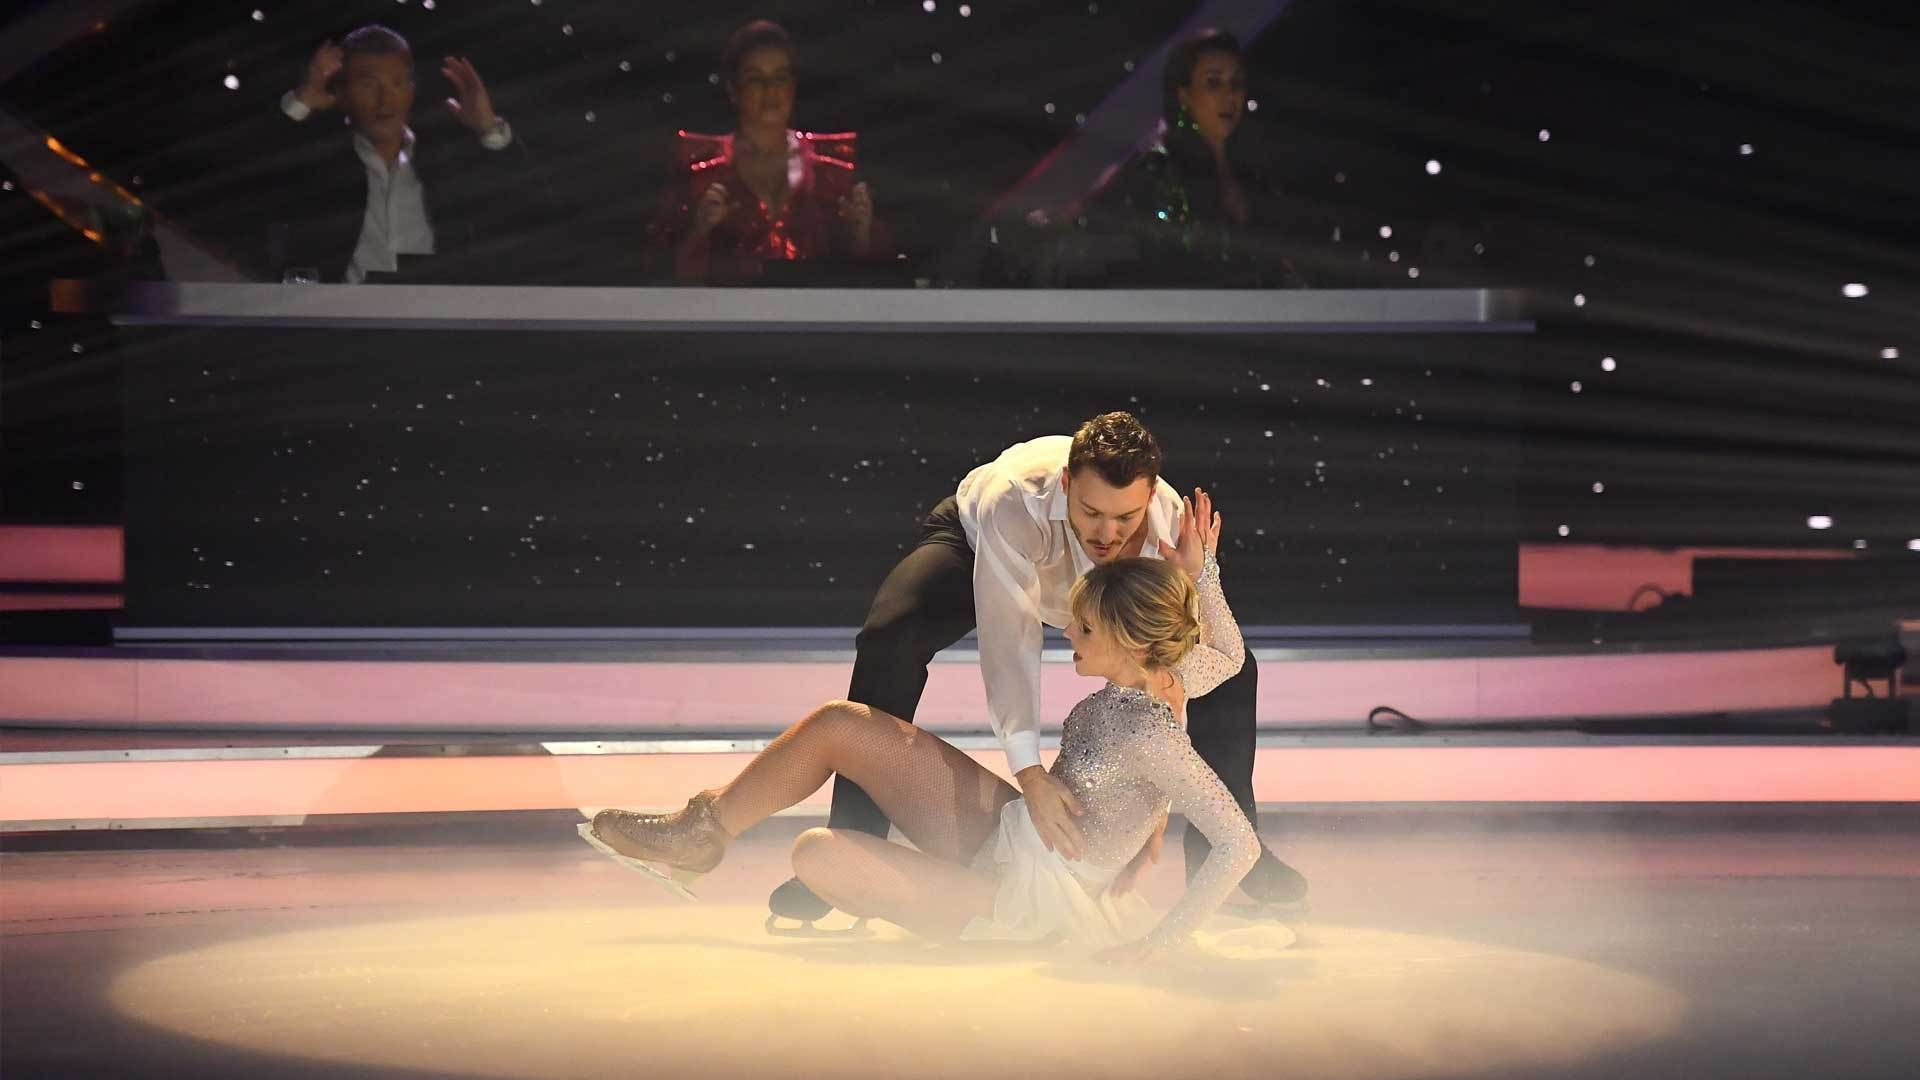 Lina Larissa Strahl stürzt bei Pflichtelement - Dancing on ice